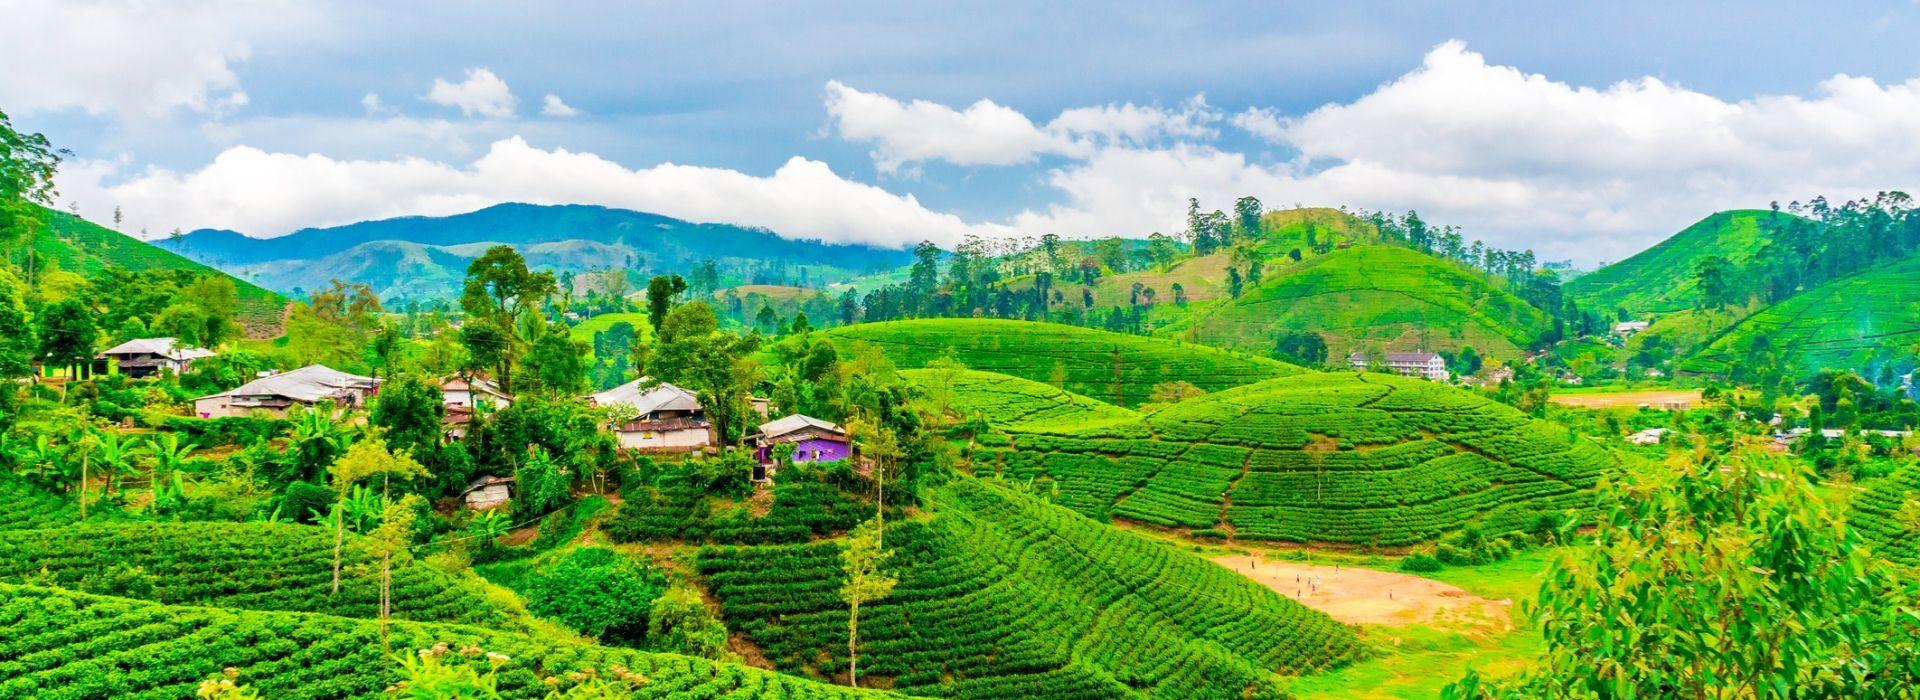 Explorer Tours in Sri Lanka